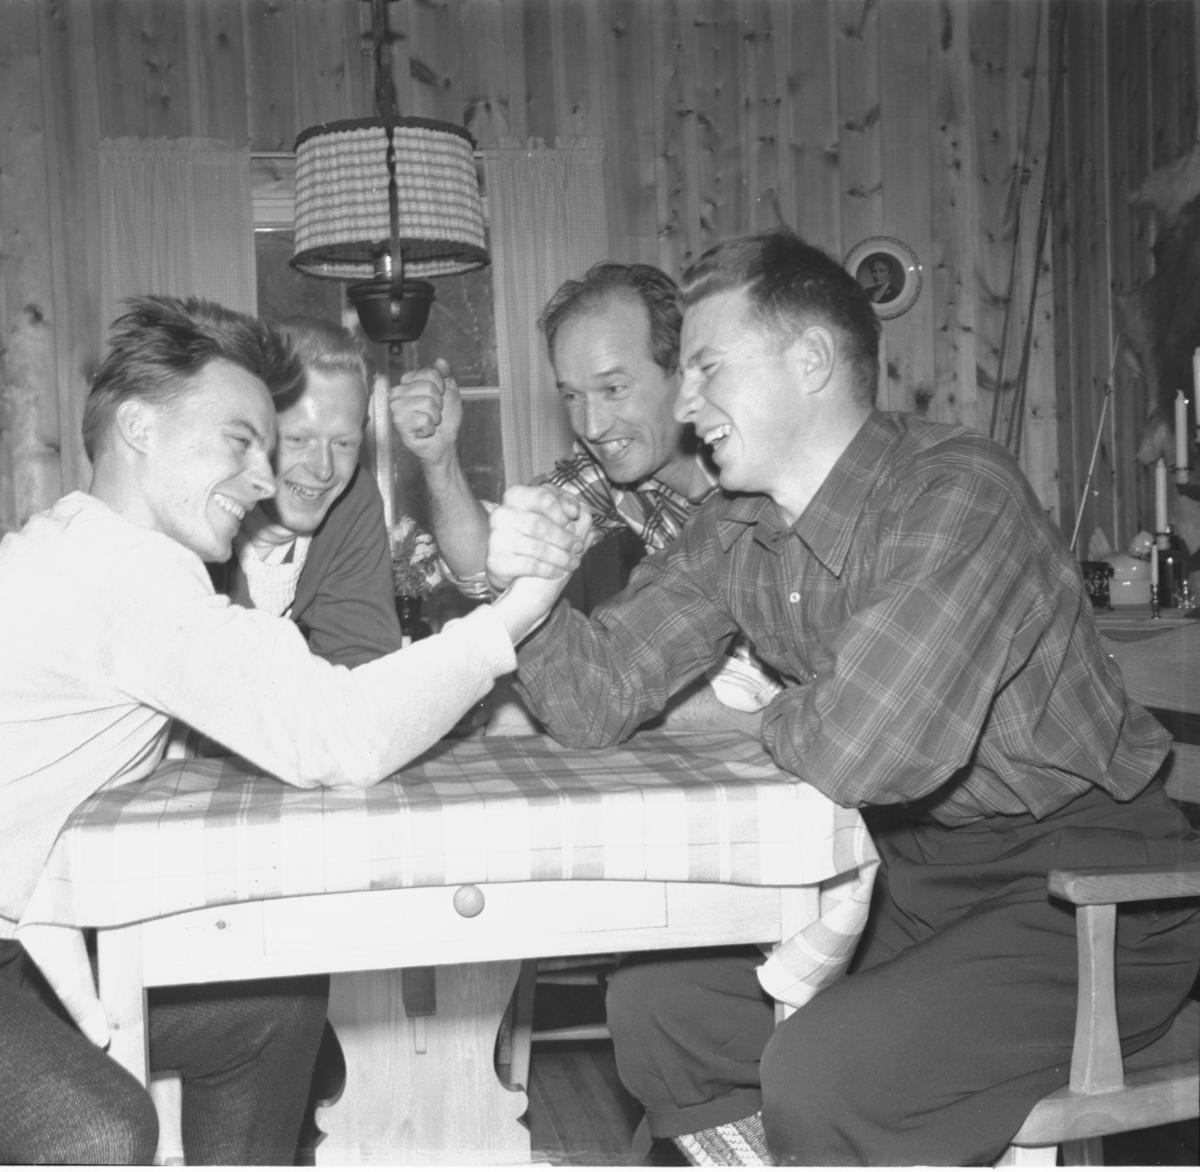 To menn bryter håndbak, mens to heier. Lampe, Bilde